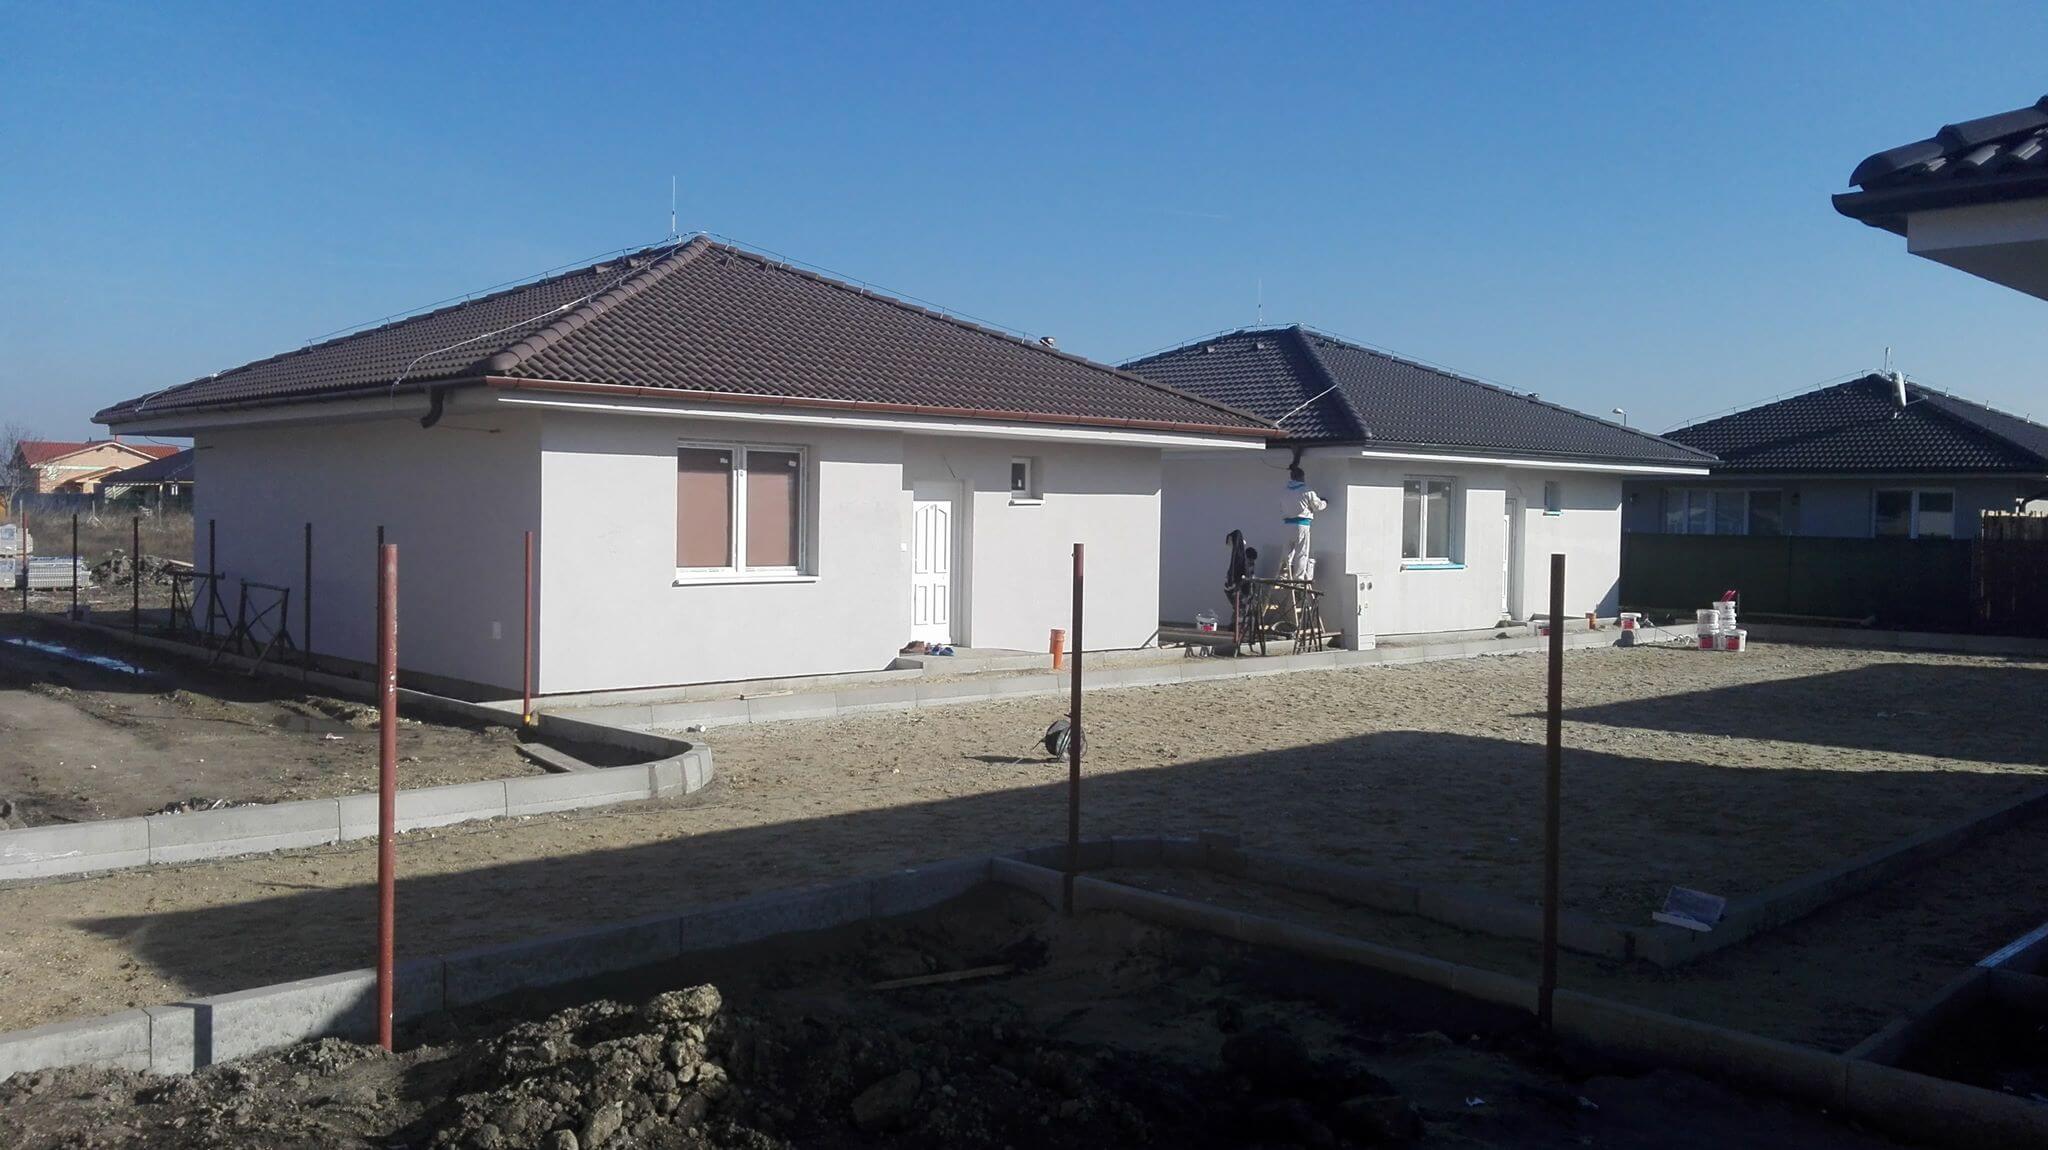 Predané: Novostavba na kľúč + kuchyňa + pozemok len za 98 000 Eur, iba 25km od Bratislavy-0